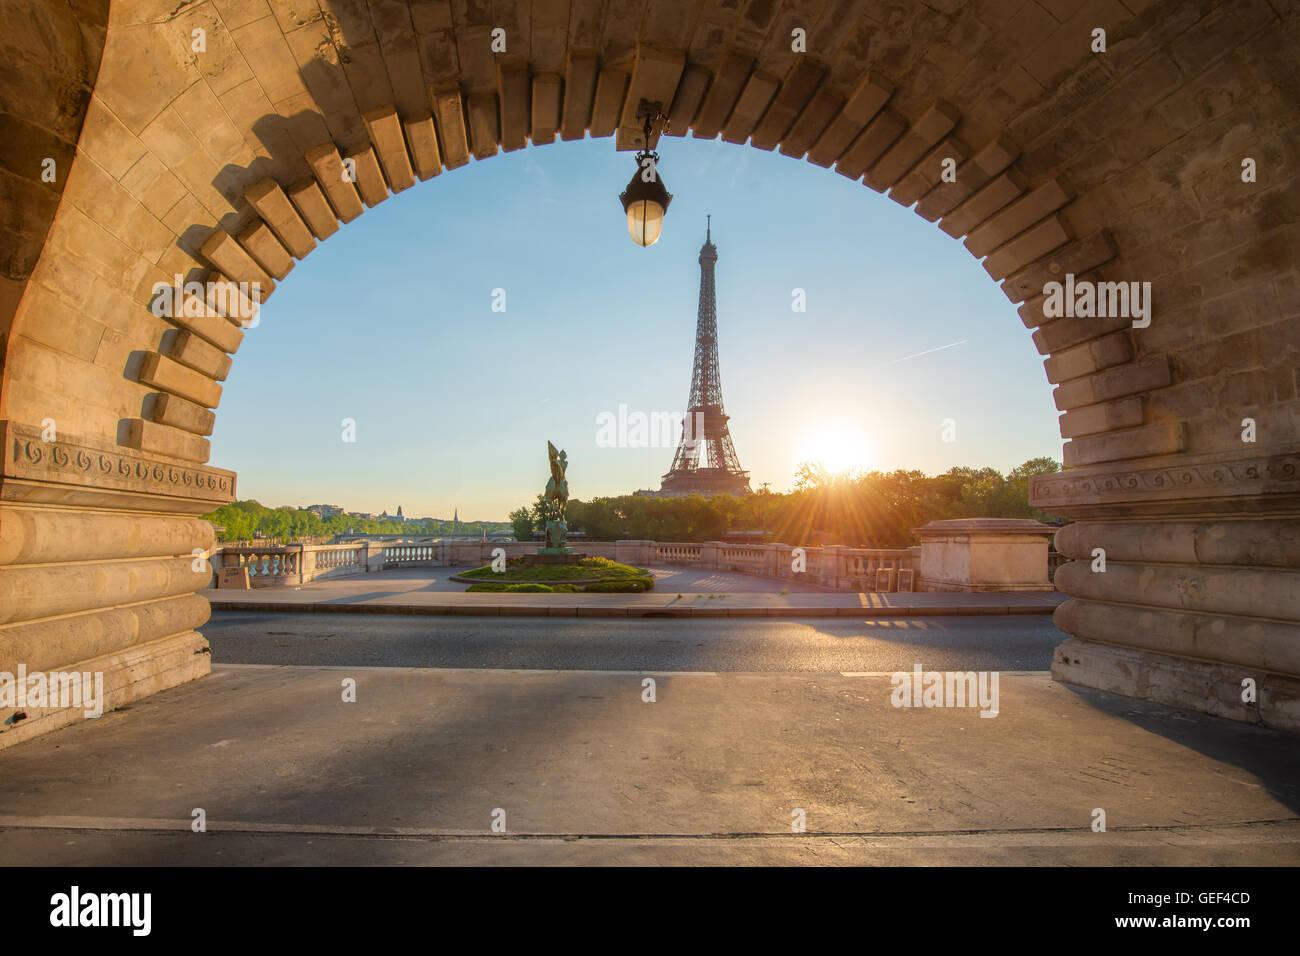 Eiffelturm in Paris vom Fluss Seine Morgen. Paris, Frankreich. Eiffelturm ist Eisen Gittermast auf dem Champ de Stockbild